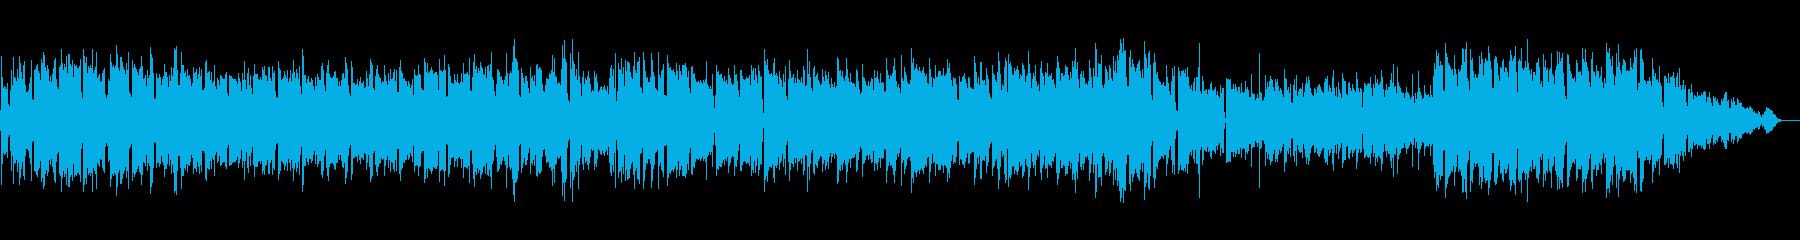 カントリーインストゥルメンタル。メ...の再生済みの波形